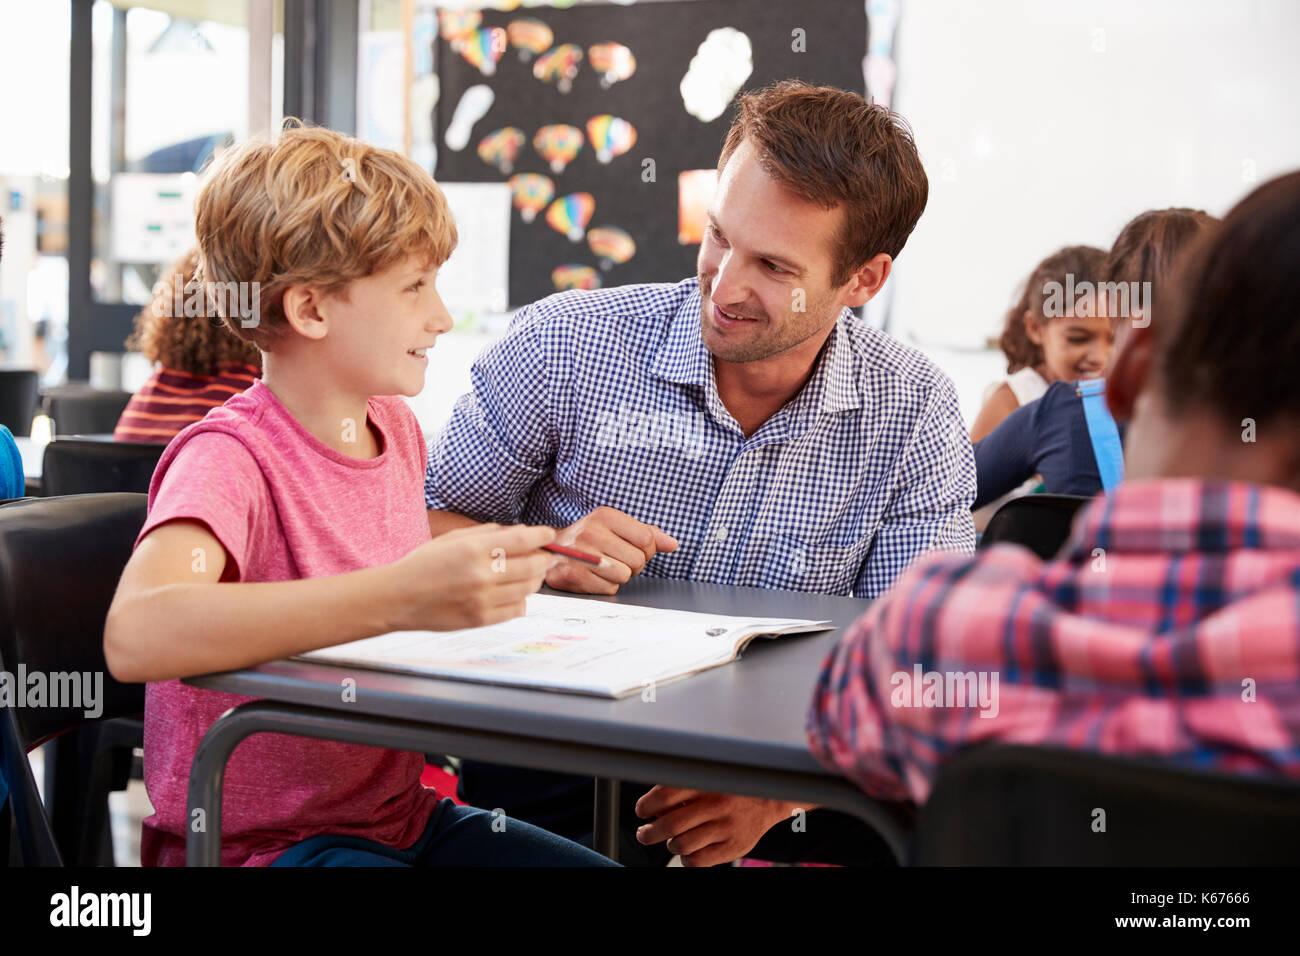 Enseignant et élève à son bureau à l'un l'autre Photo Stock